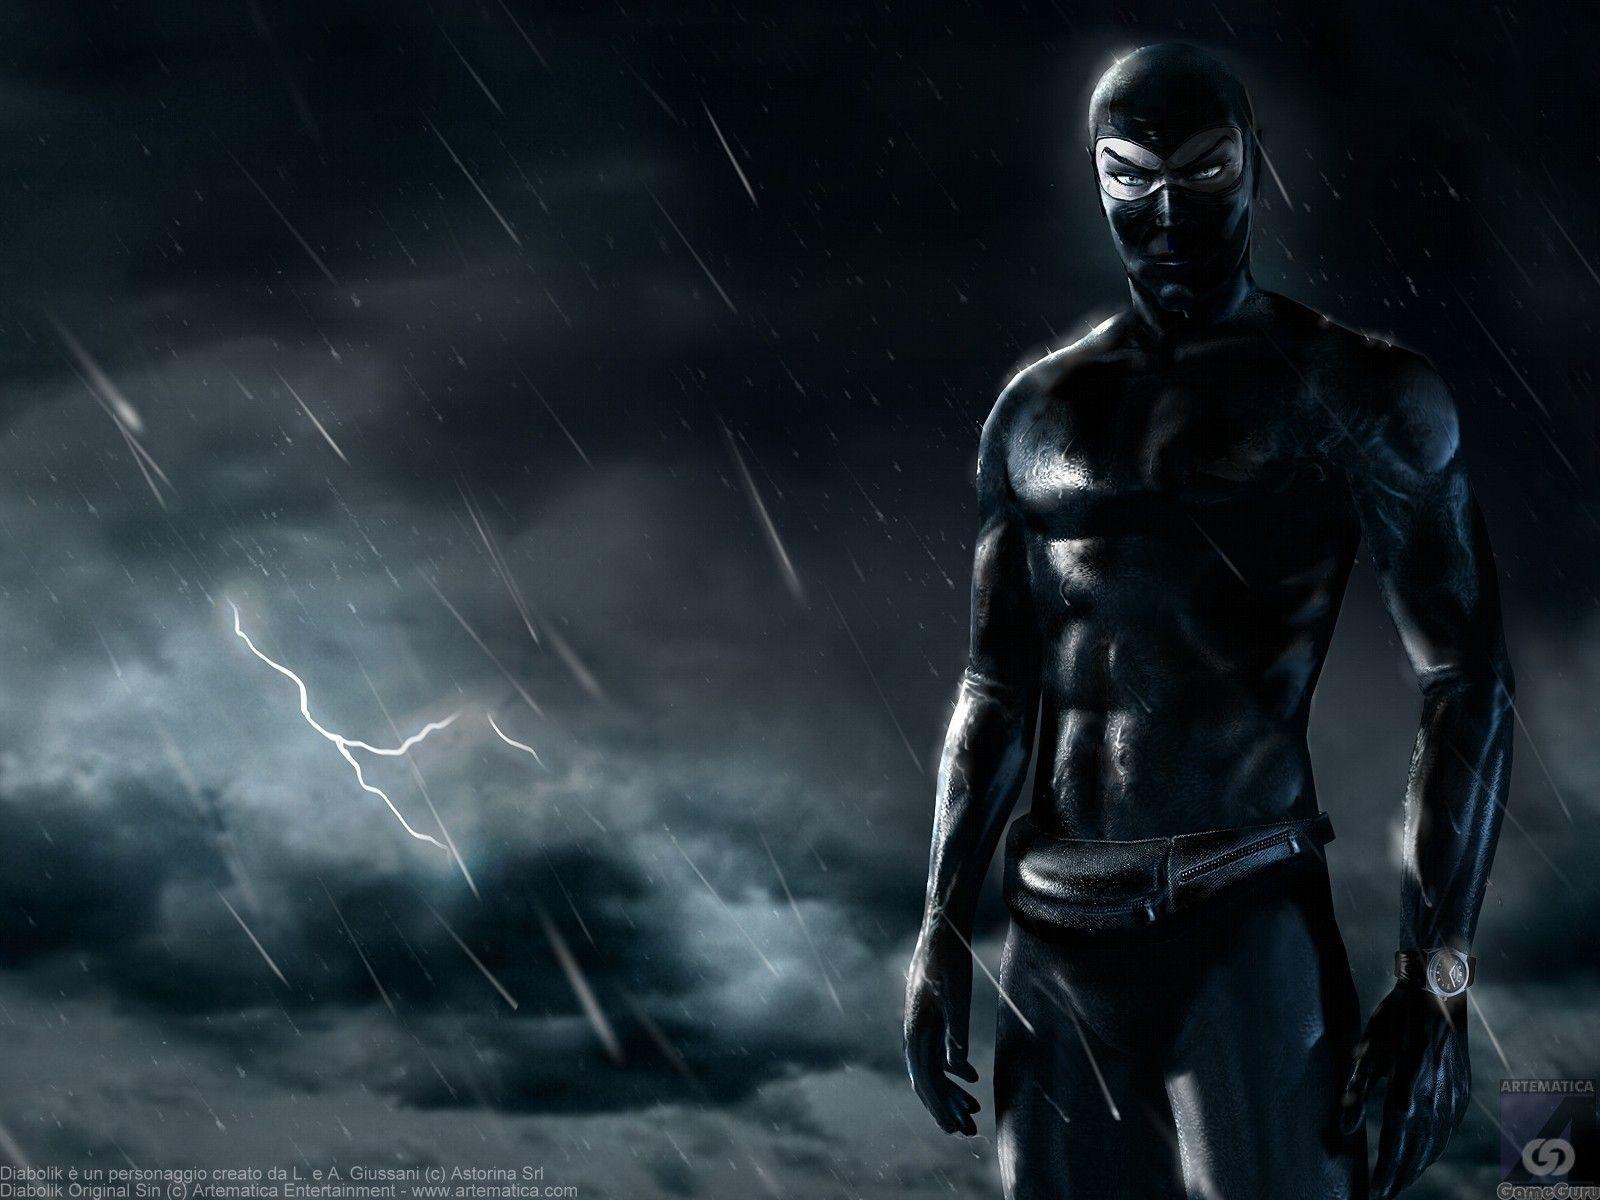 Ninja Gaiden HD Wallpapers 1280x1024 Images 53